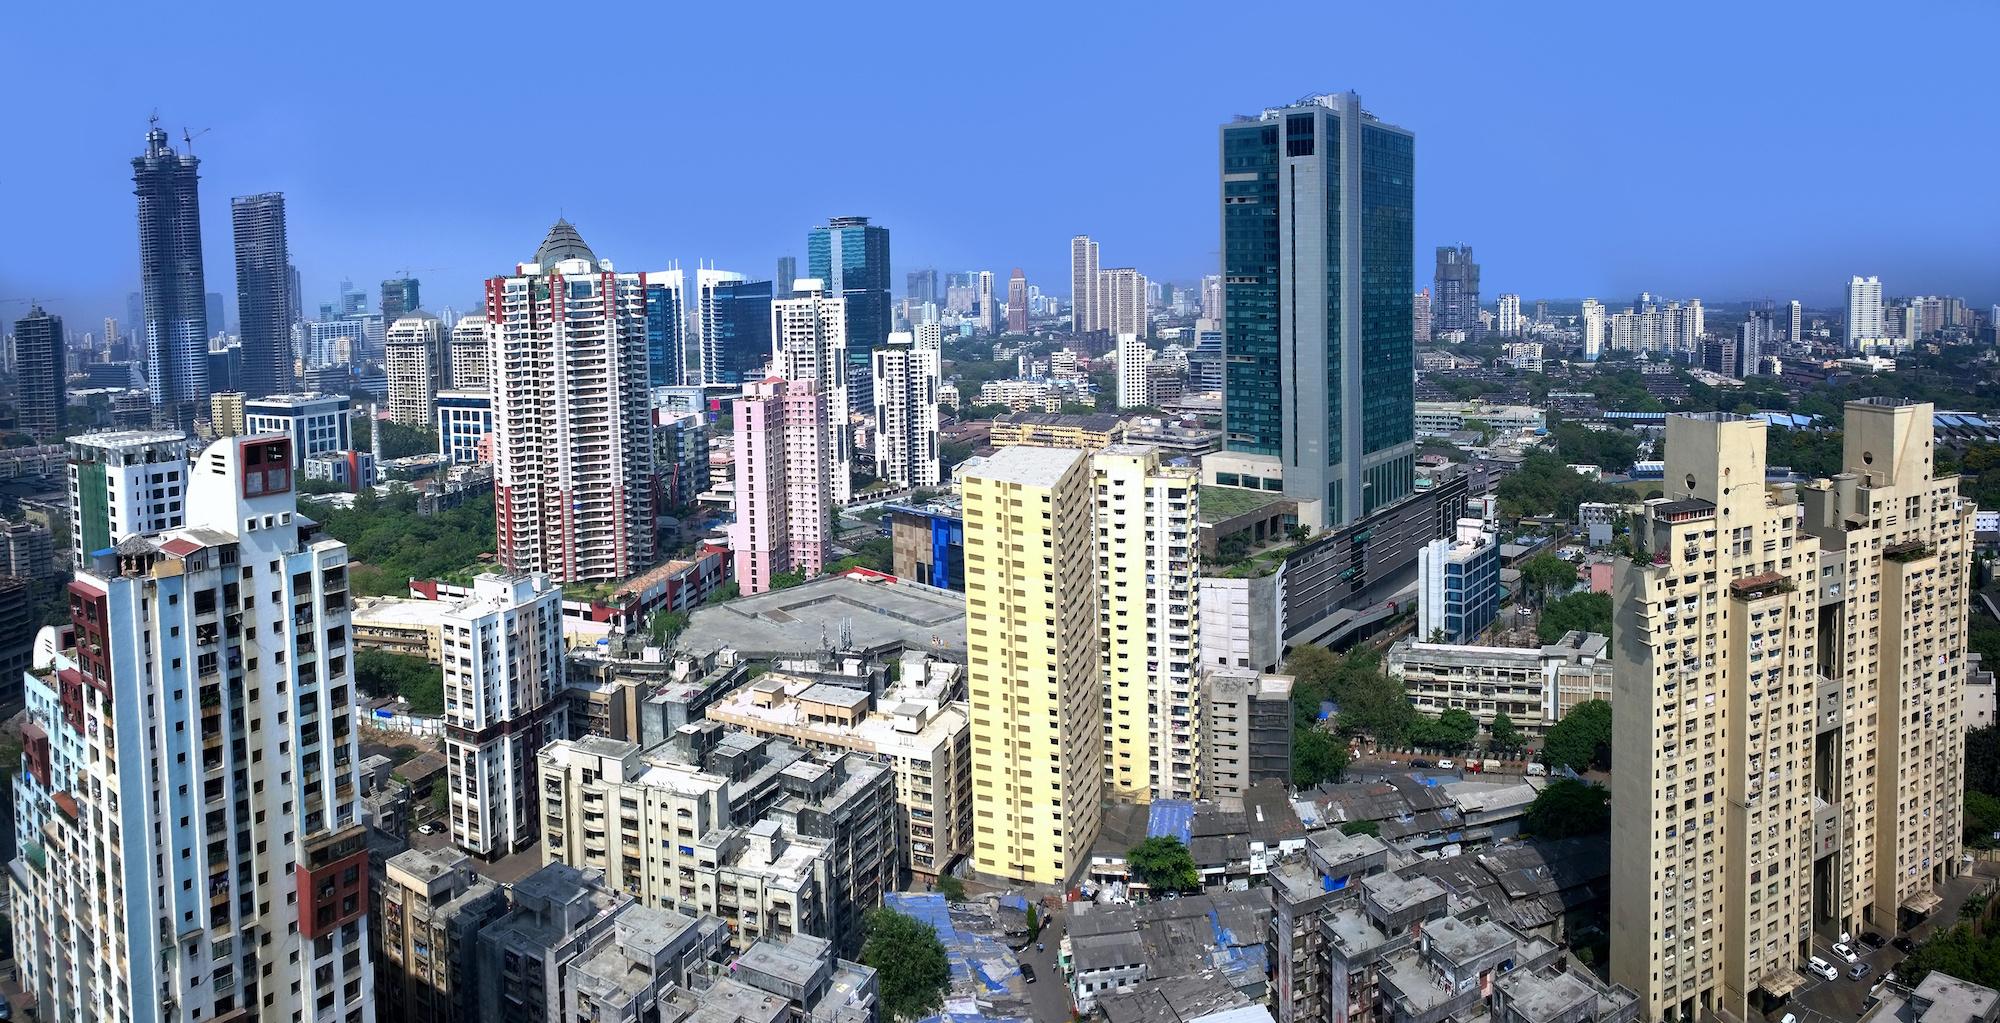 孟买gdp2021_孟买猫